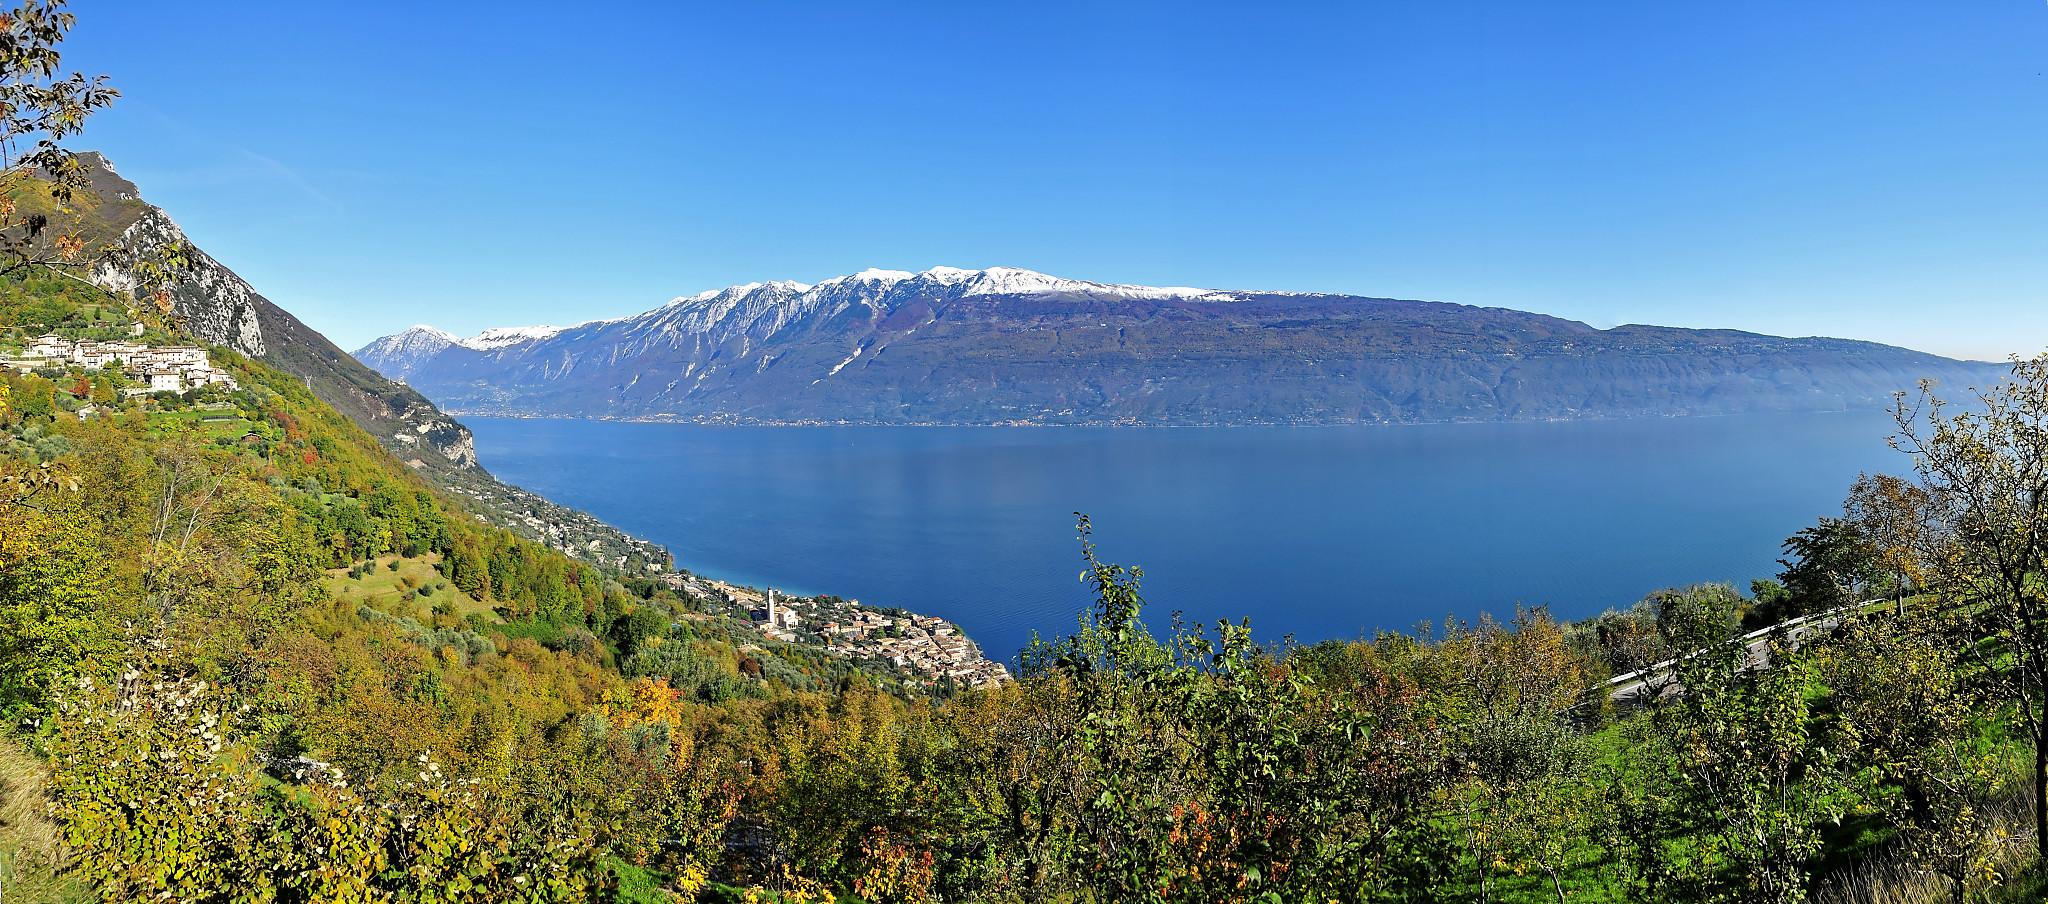 Gardasee mit Blick auf Monte Baldo von Navazzo aus gesehen.